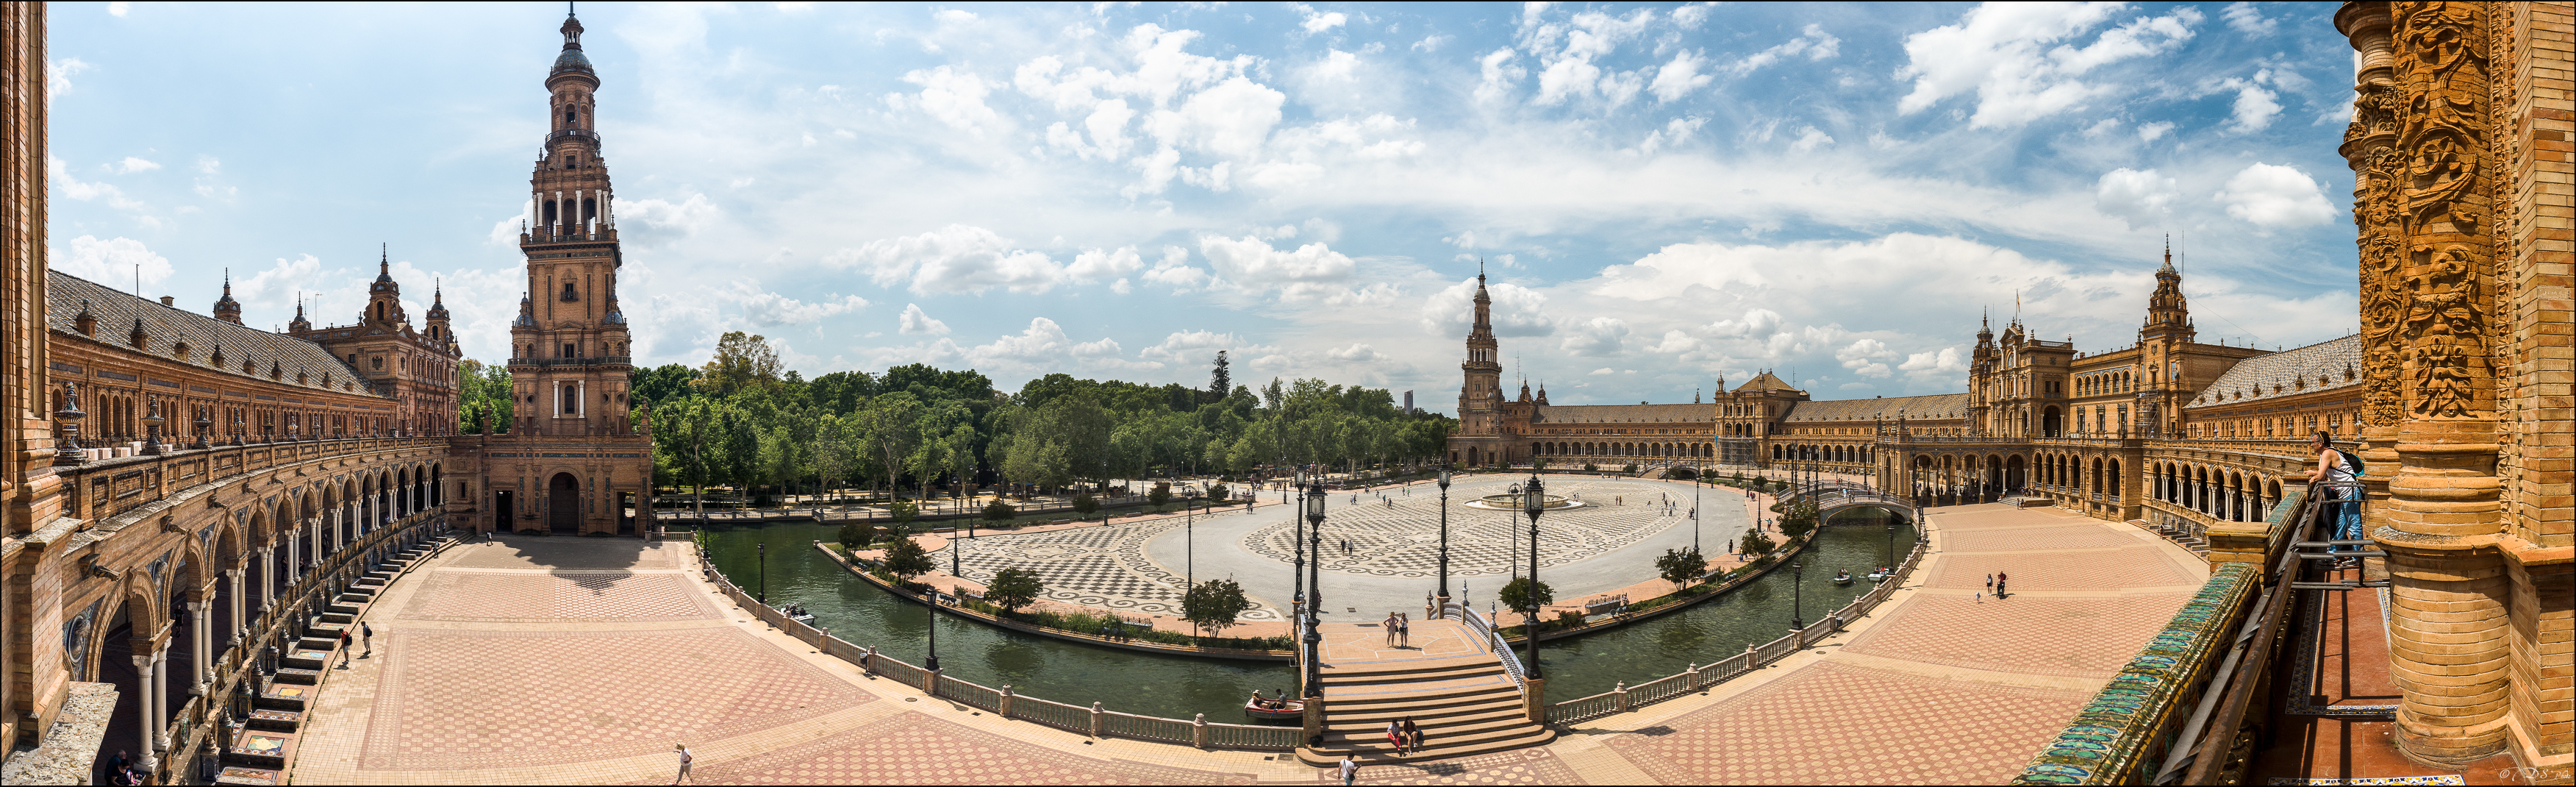 [Le Don Andalou] Road-Trip Etape 5 : Séville (Part 4) 20180528173311-ebf38023